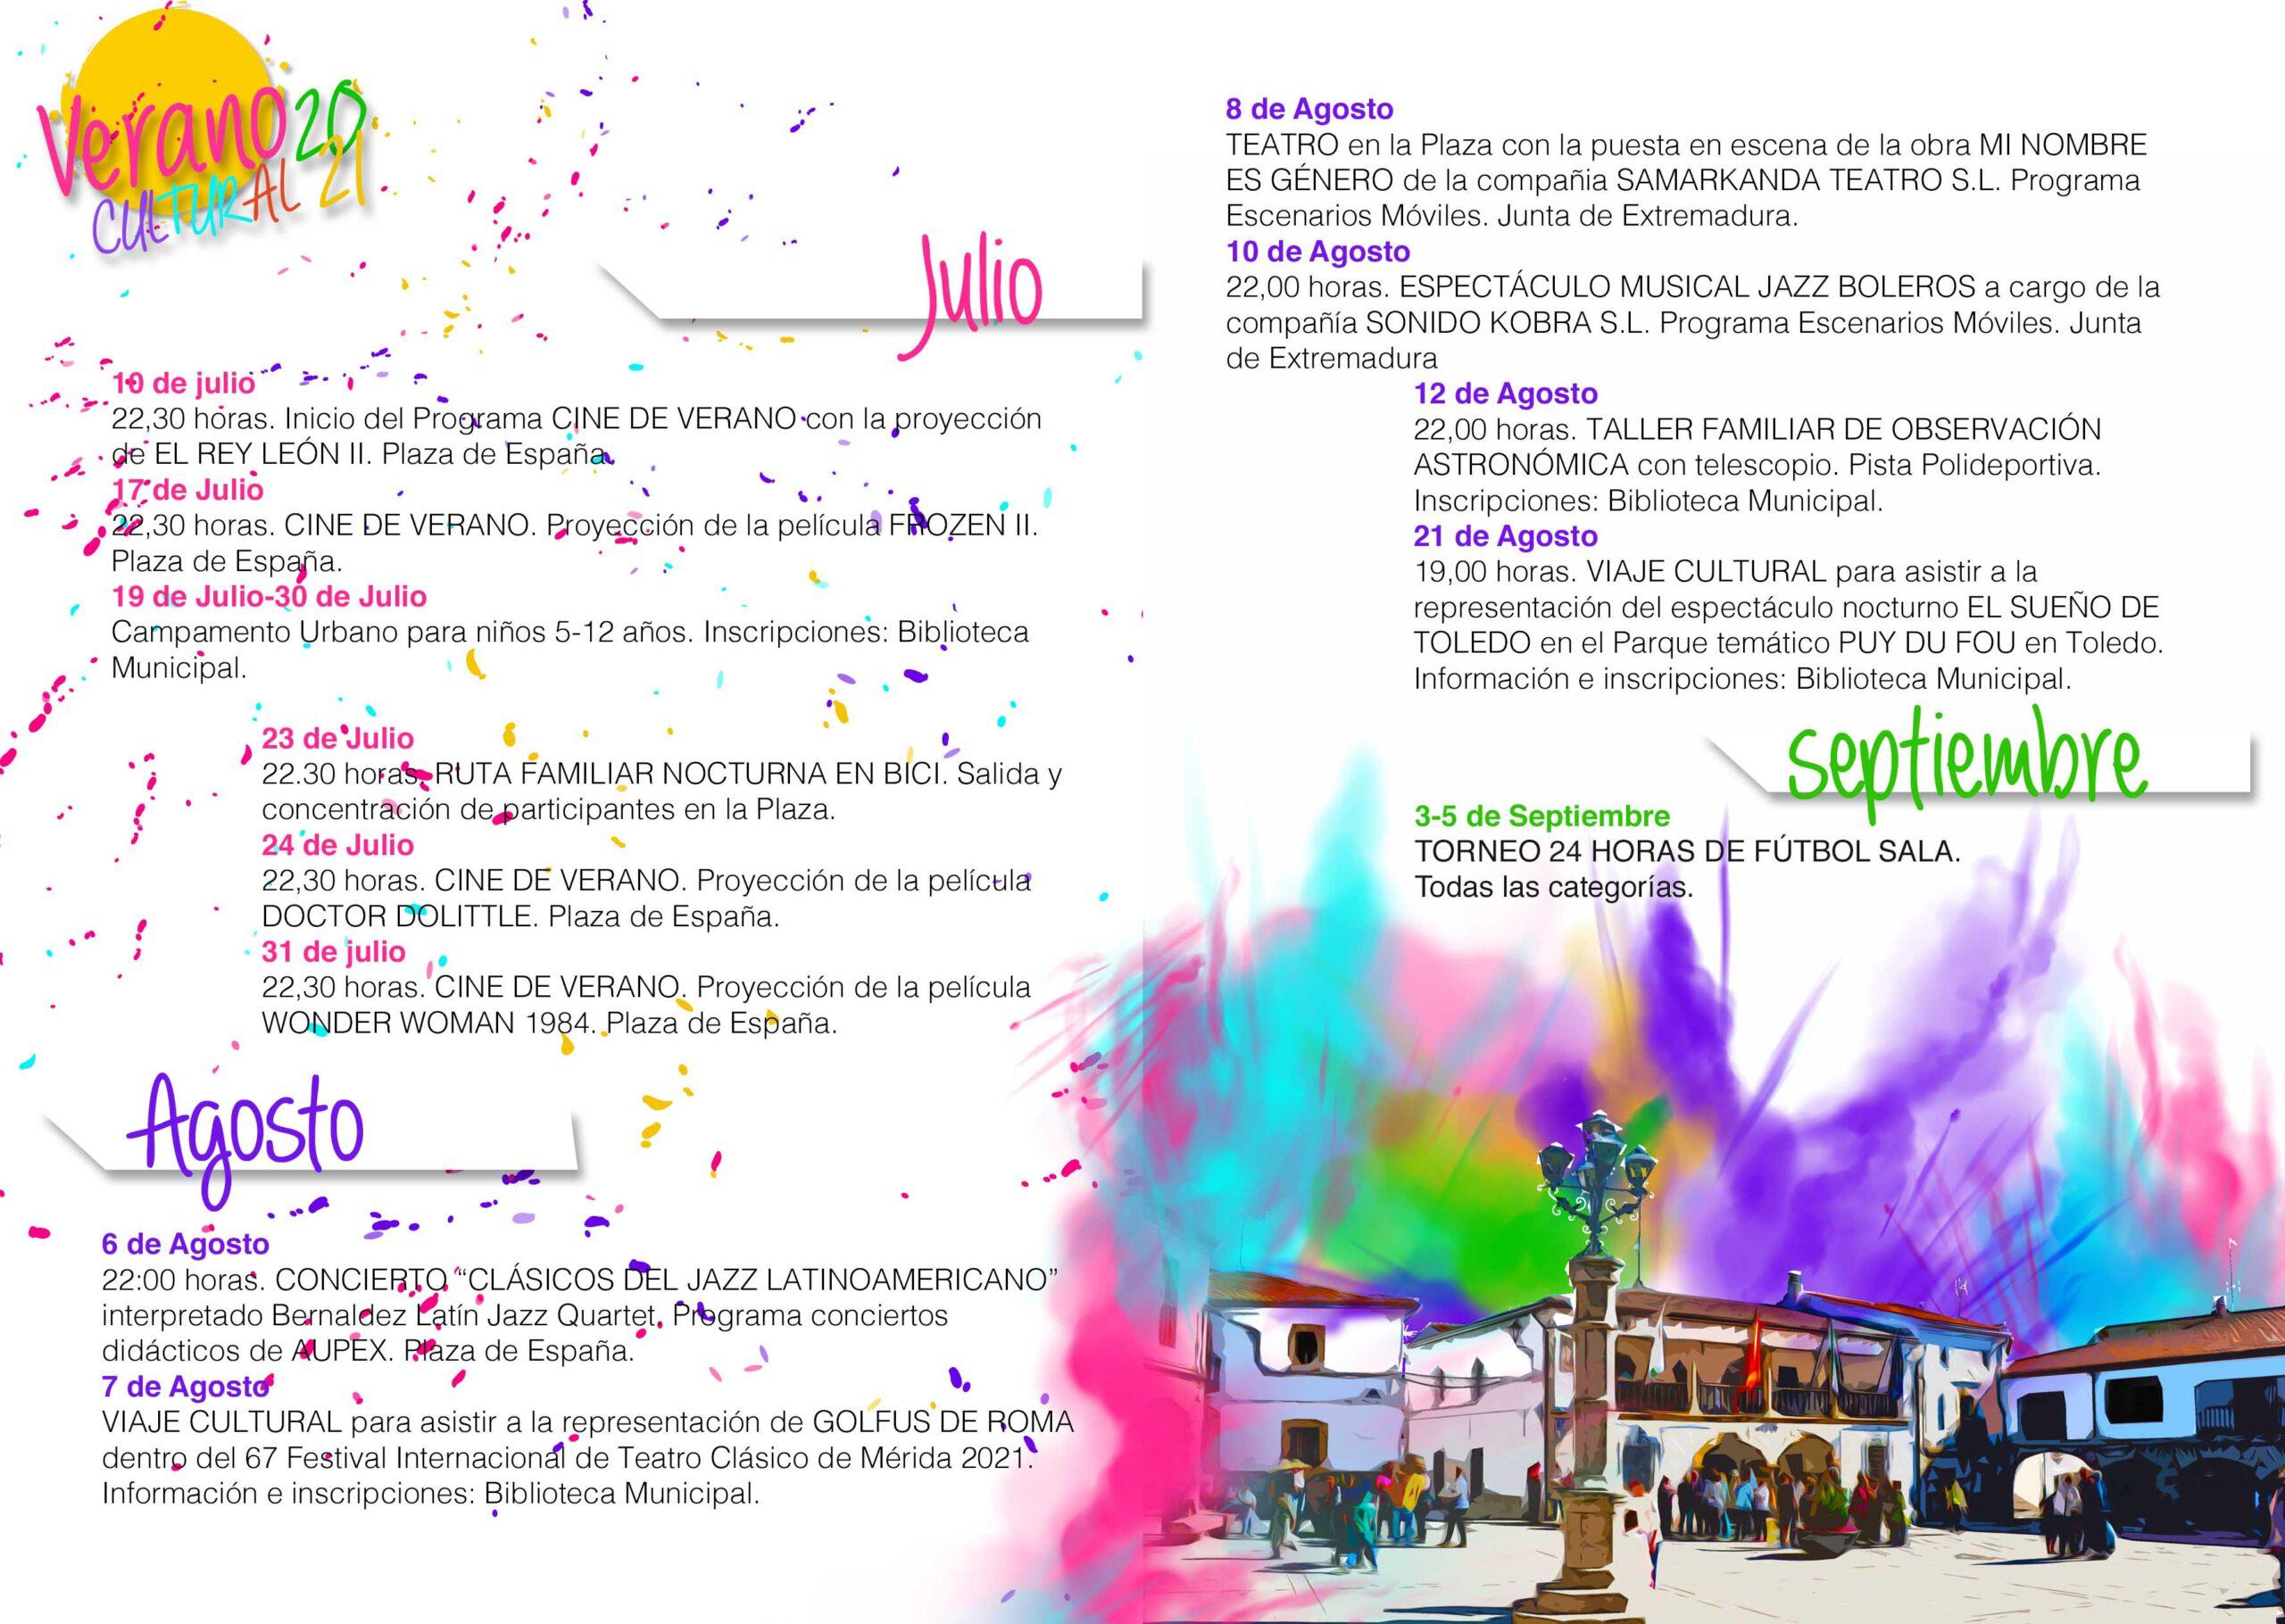 Verano cultural (2021) - Peraleda de la Mata (Cáceres)